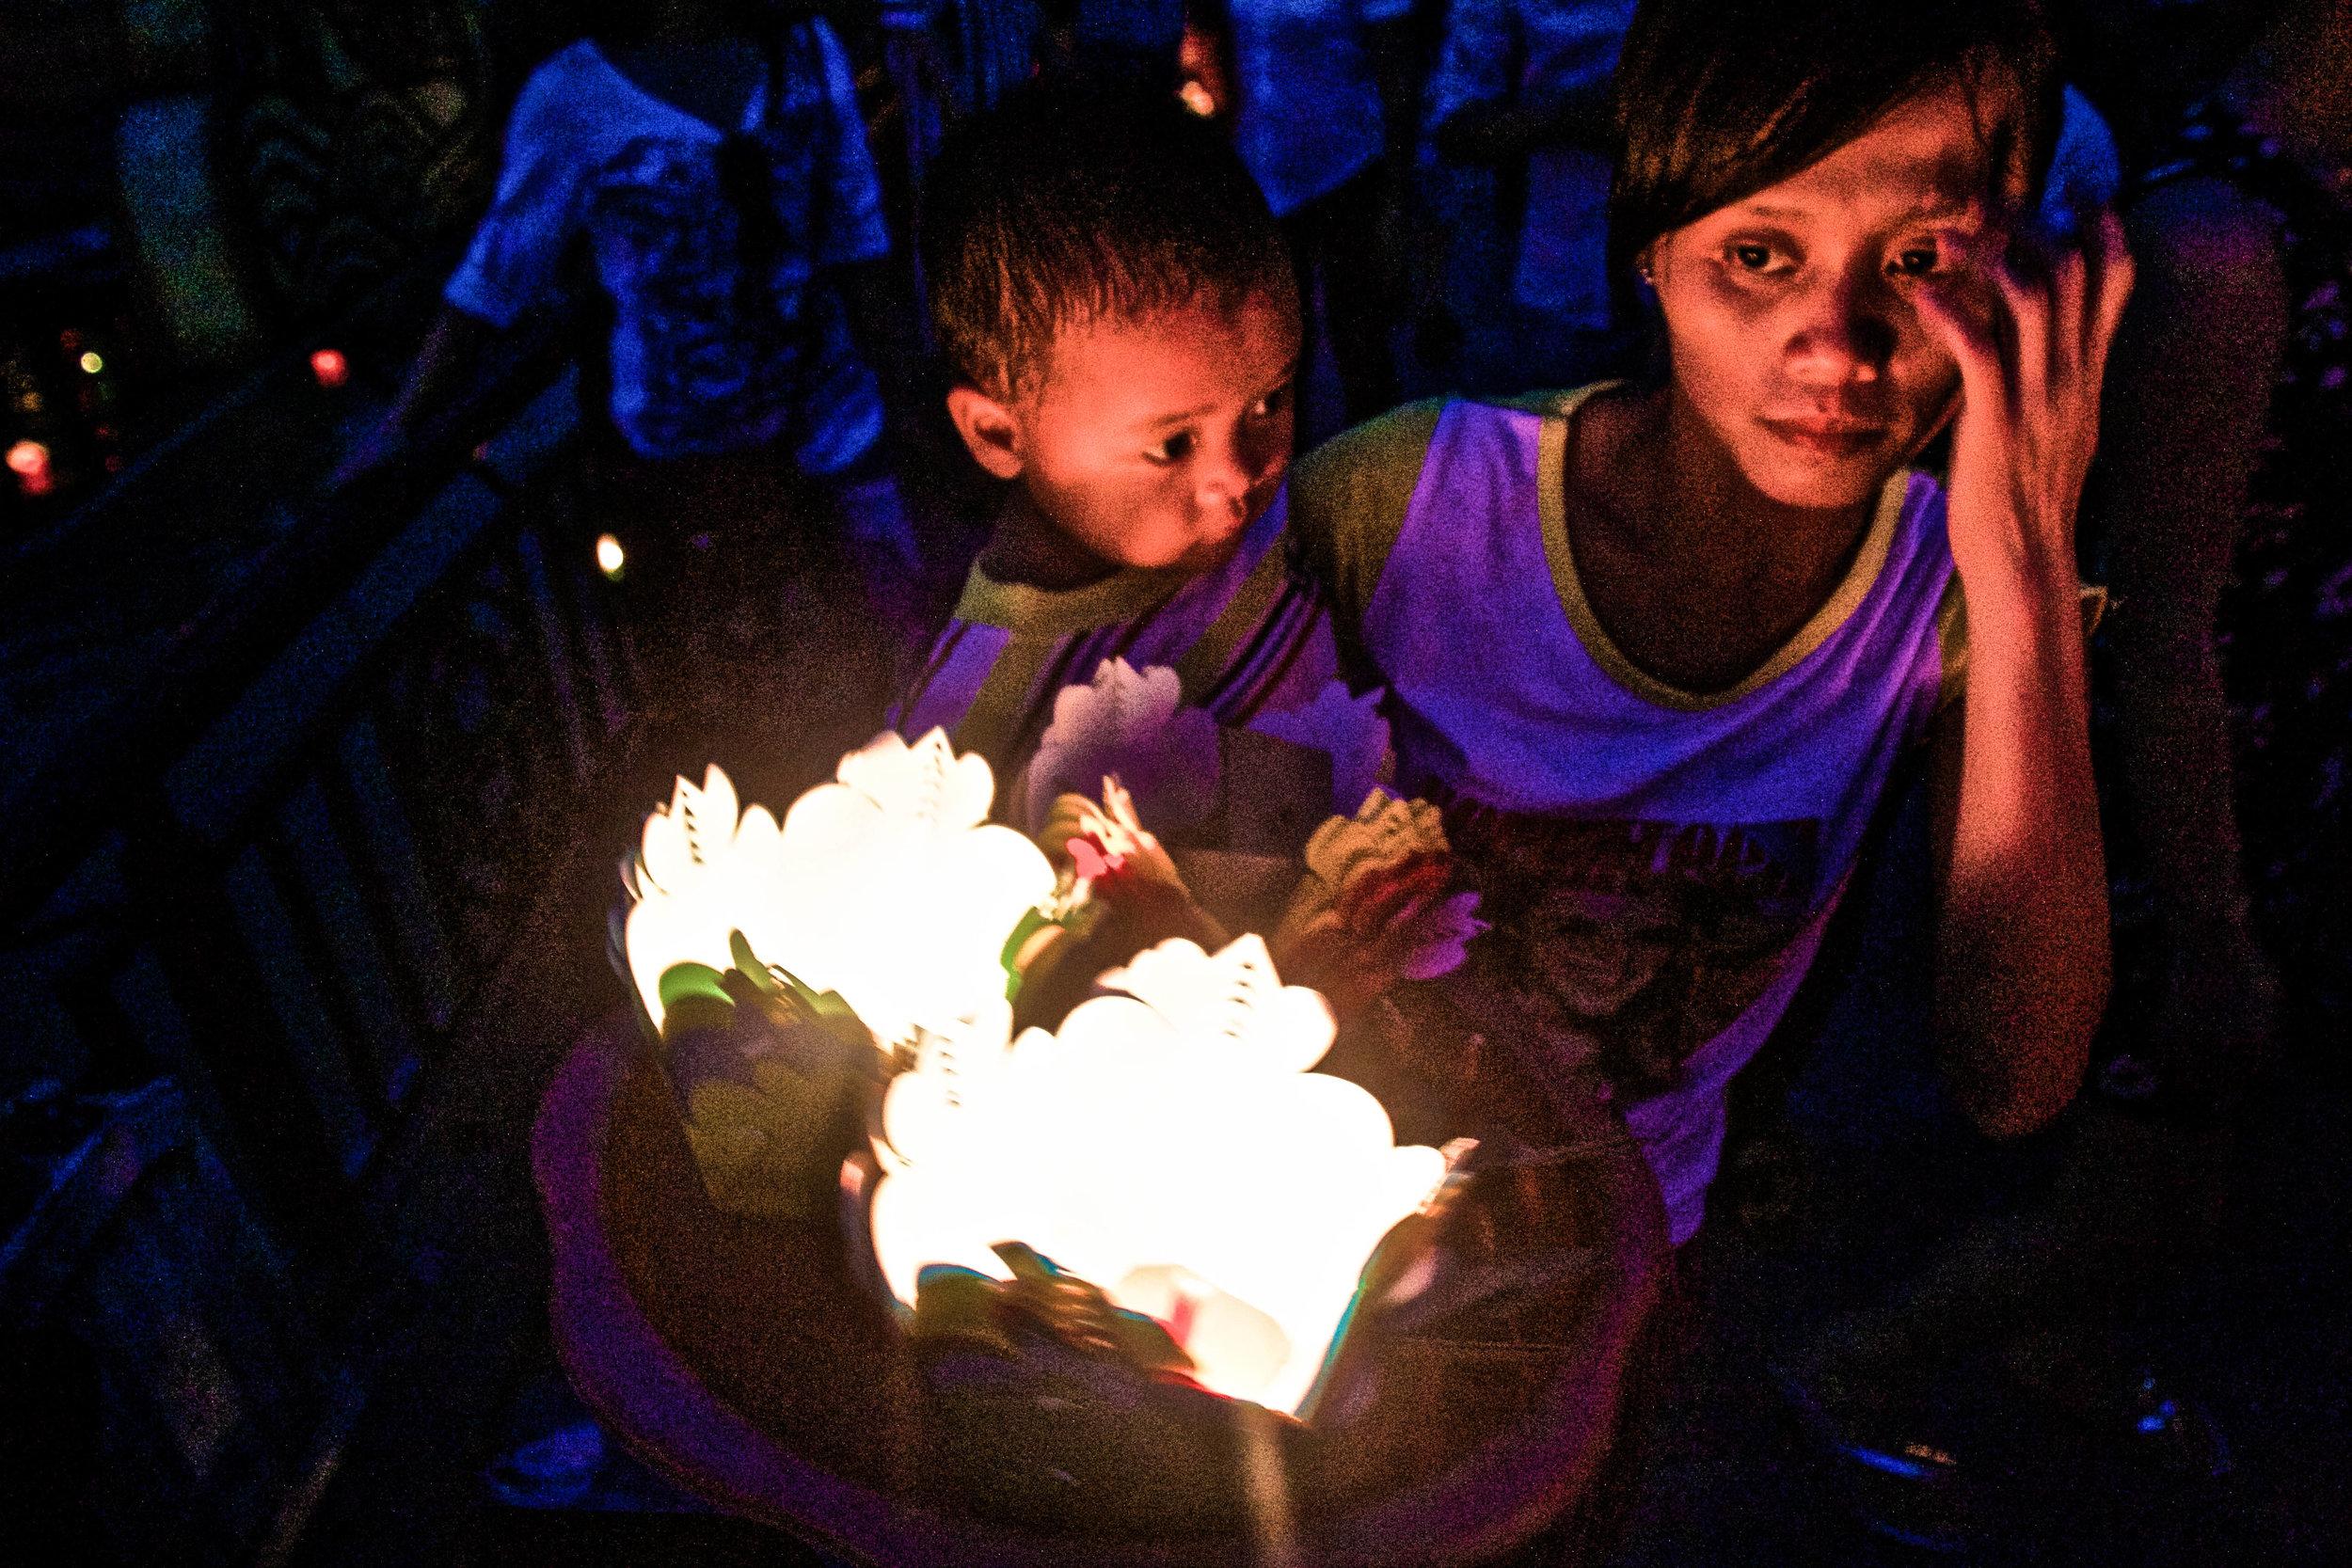 vietnam hoi an lanterns-1.jpg